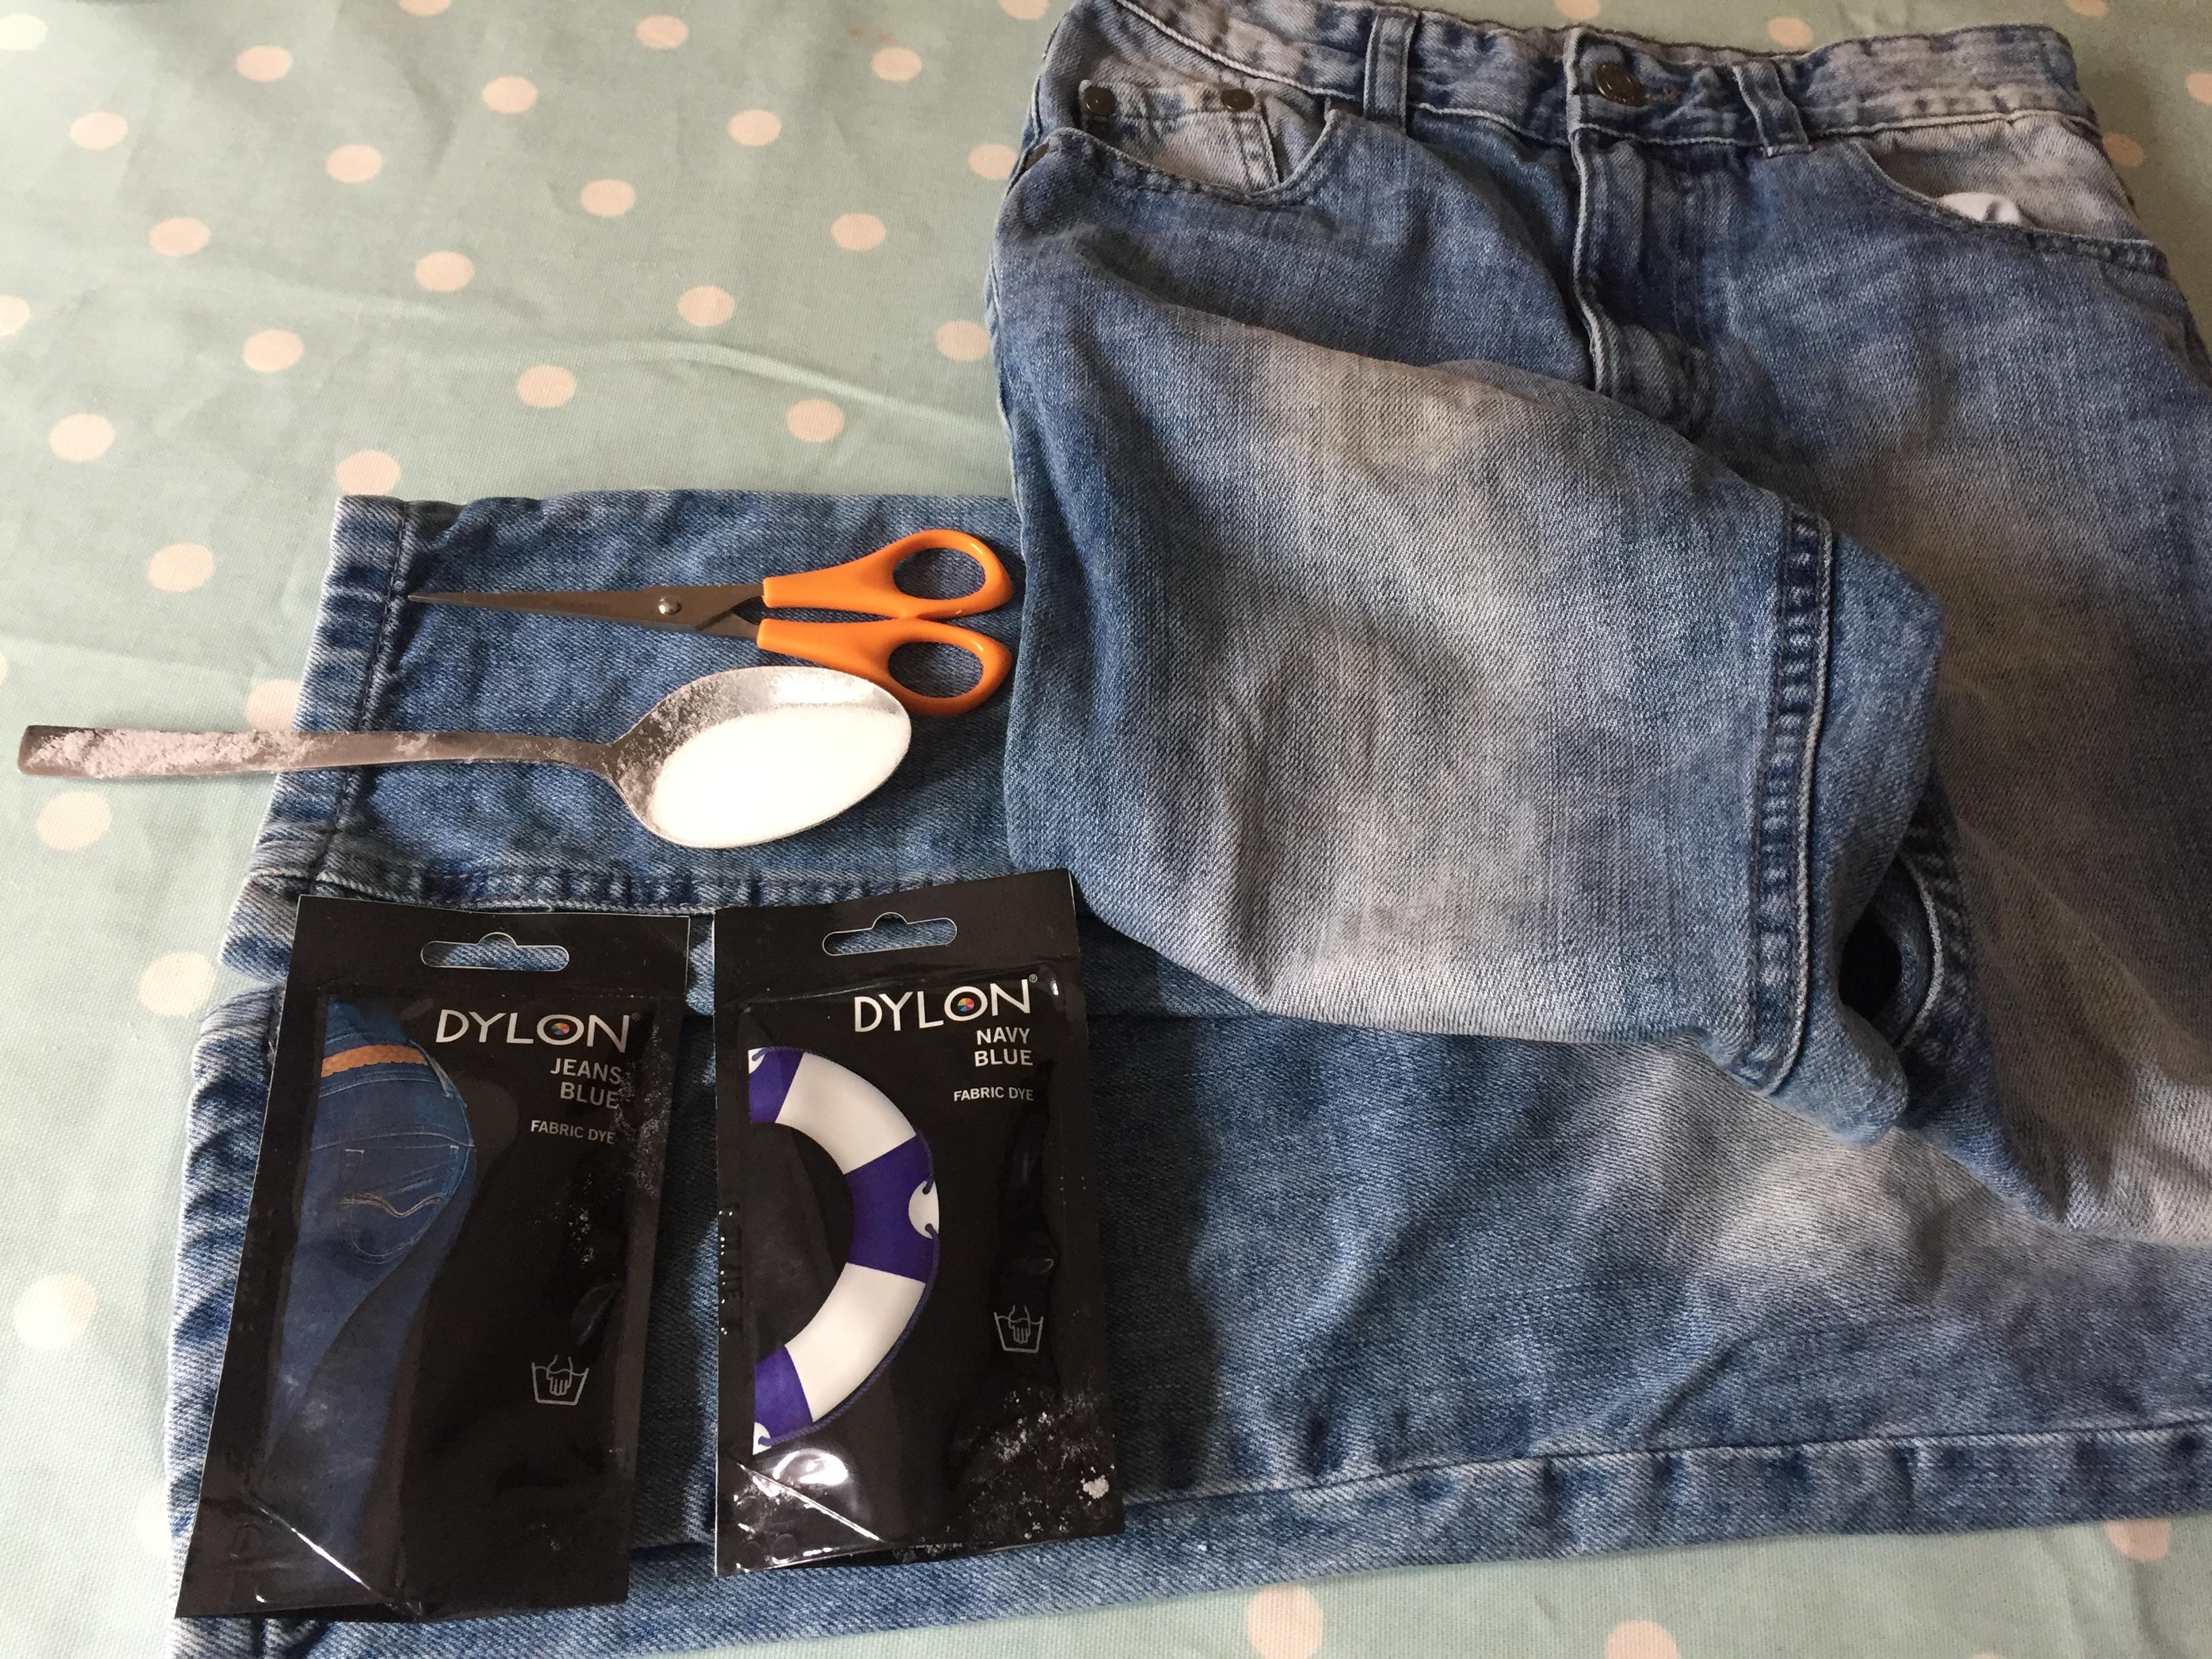 Dylon Cold Dye Instructions